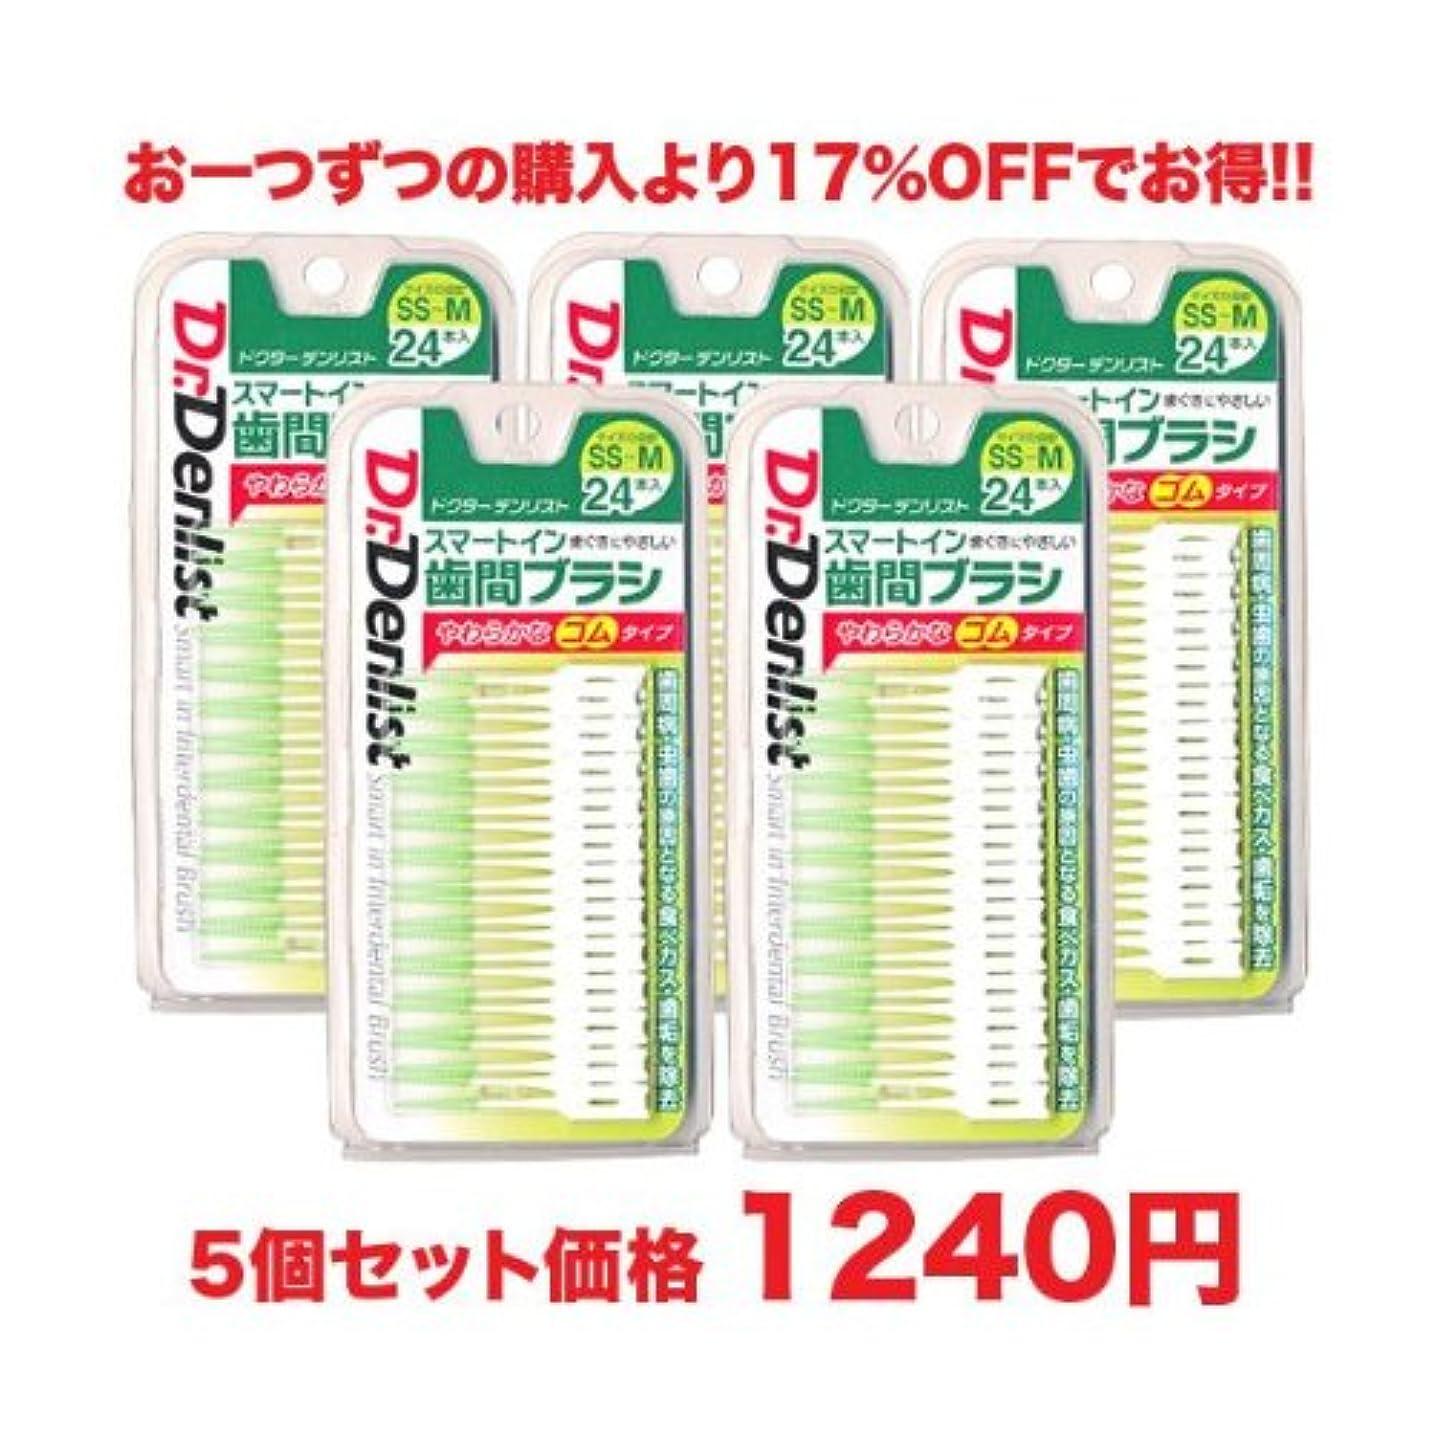 荷物透明に春歯間ブラシ スマートイン やわらか歯間ブラシ サイズSS~M 24本入 5個セット やわらかなゴムタイプ